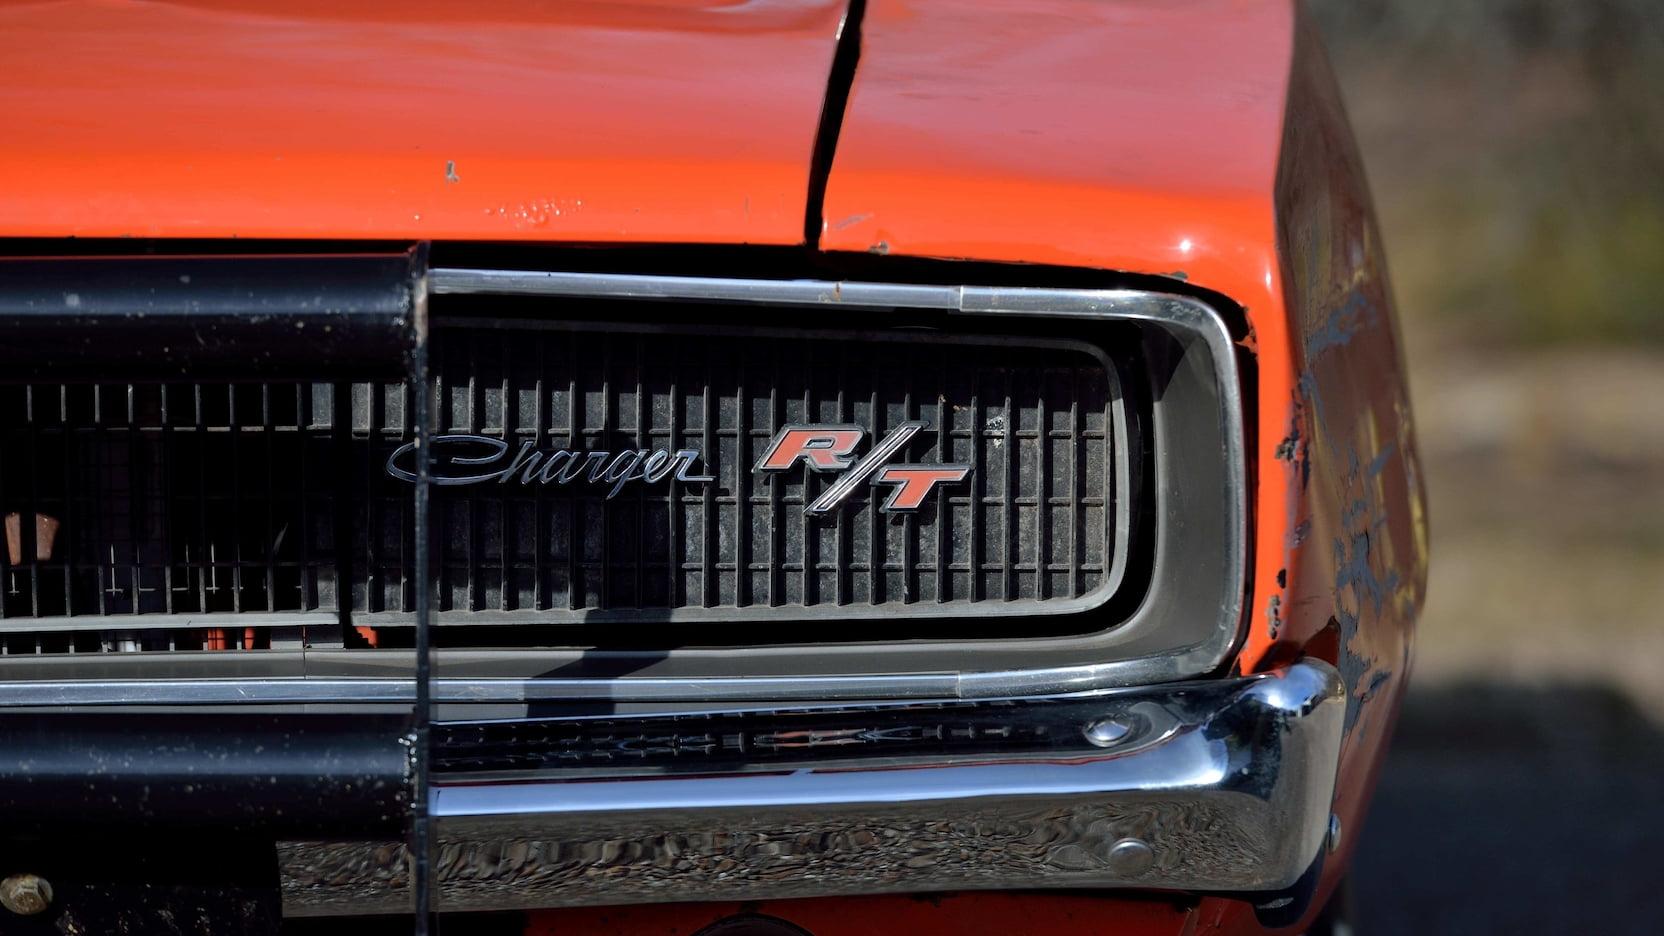 1969 Dodge Charger General Lee Stunt Car grille